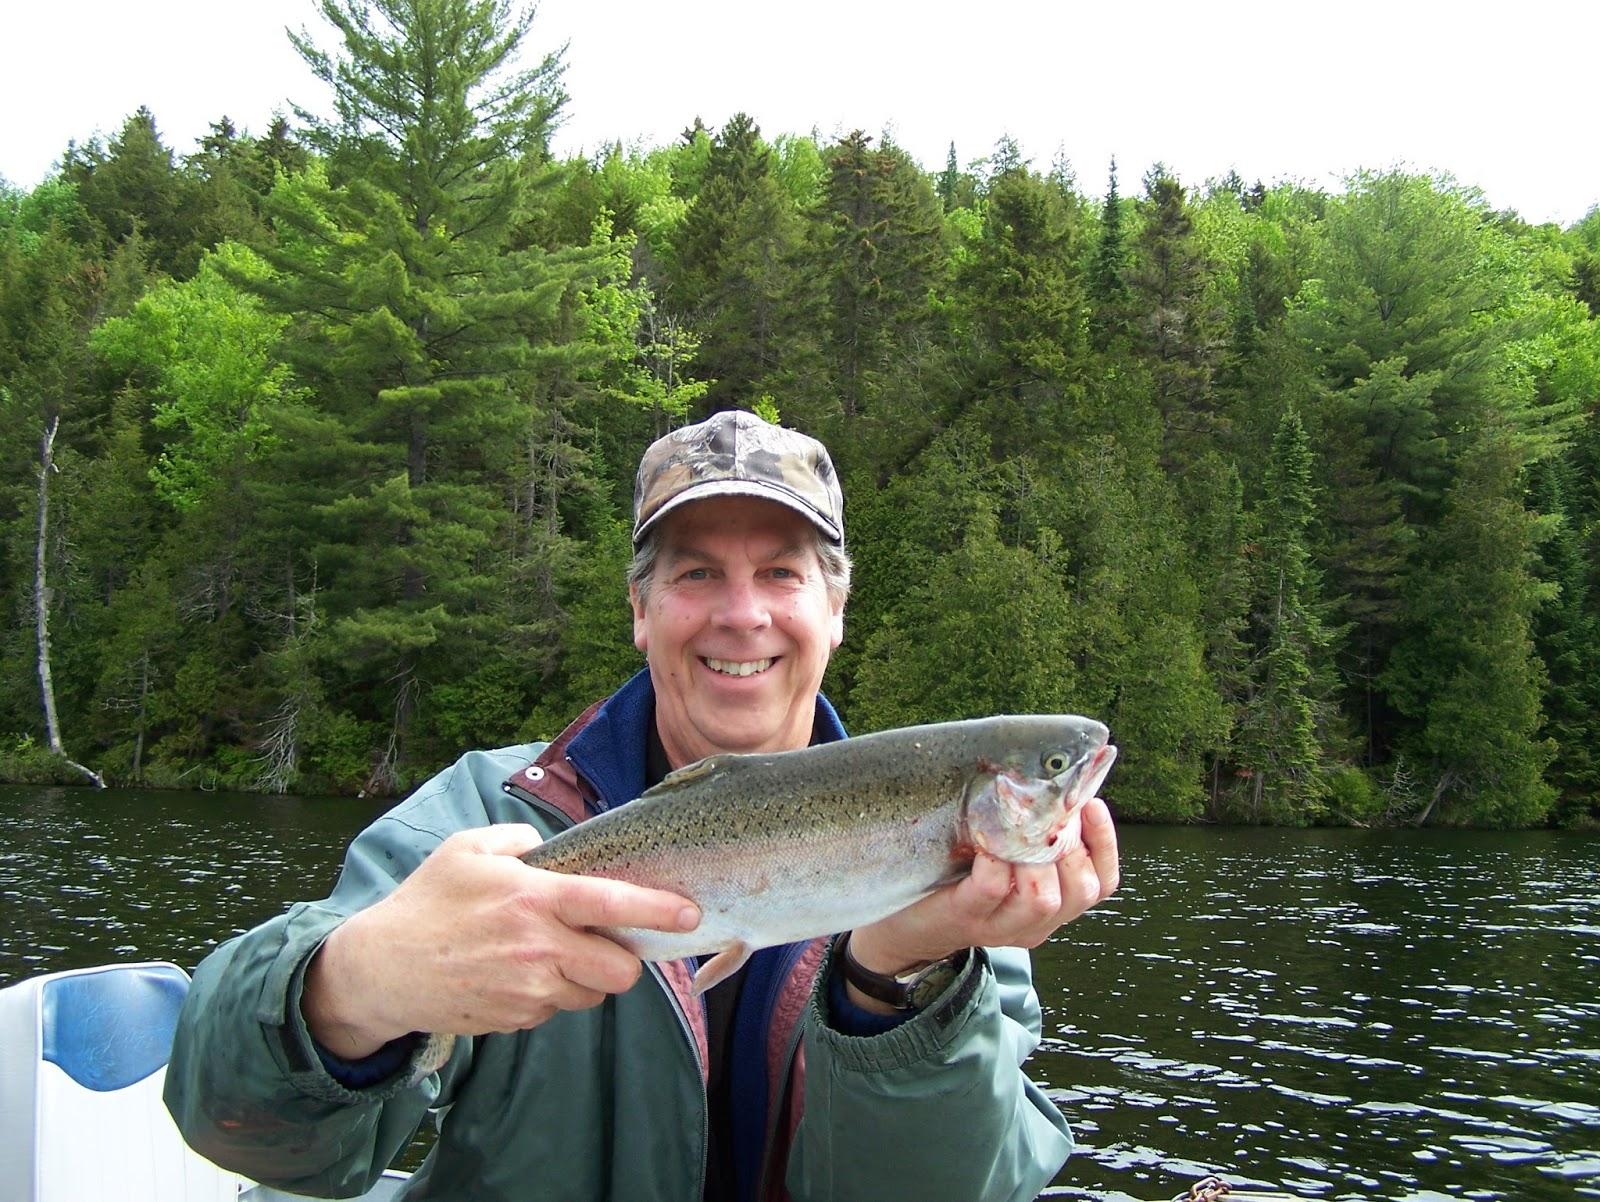 Pourvoirie Lac Blanc, pêche truite arc-en-ciel, truite mouchetée, Daniel Lefaivre, blogue de pêche